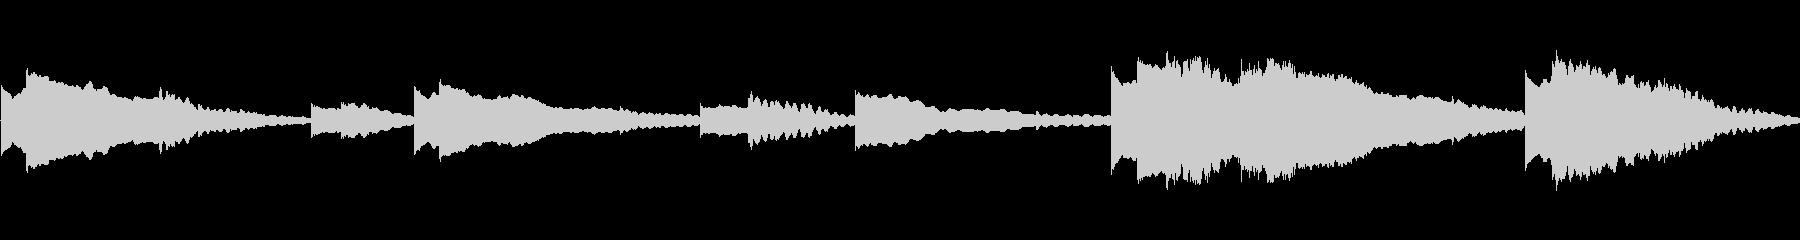 幻想的なハープの音ですの未再生の波形